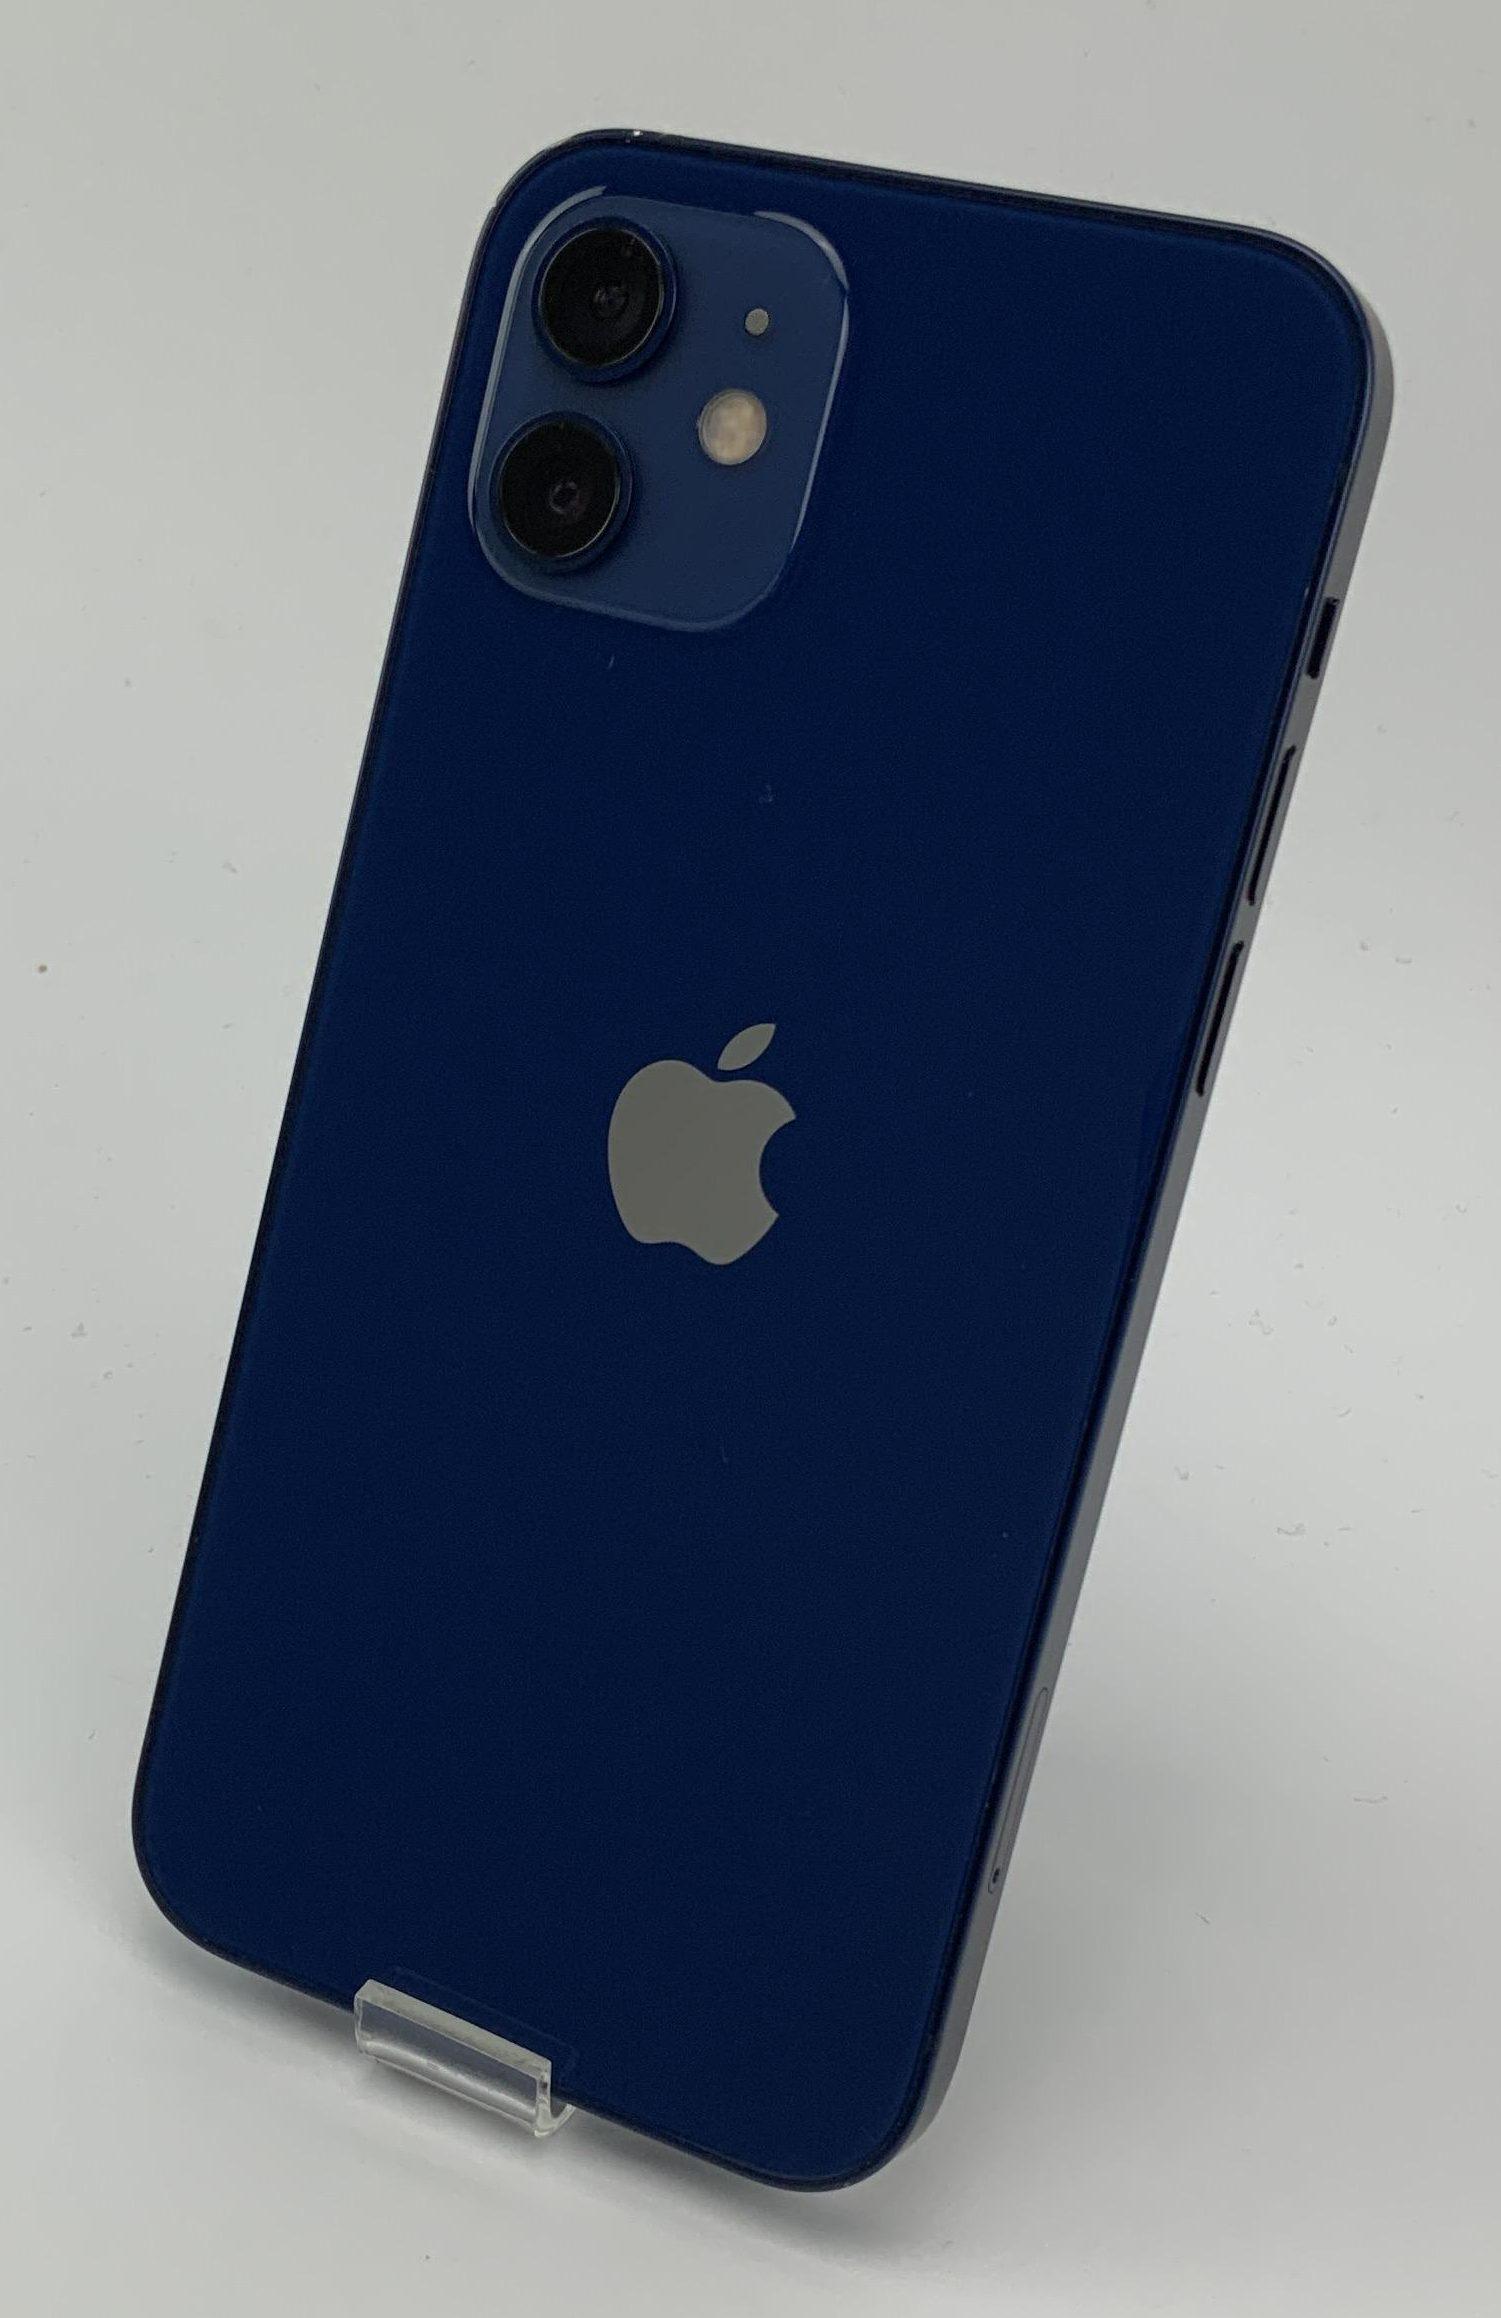 iPhone 12 64GB, 64GB, Blue, obraz 2